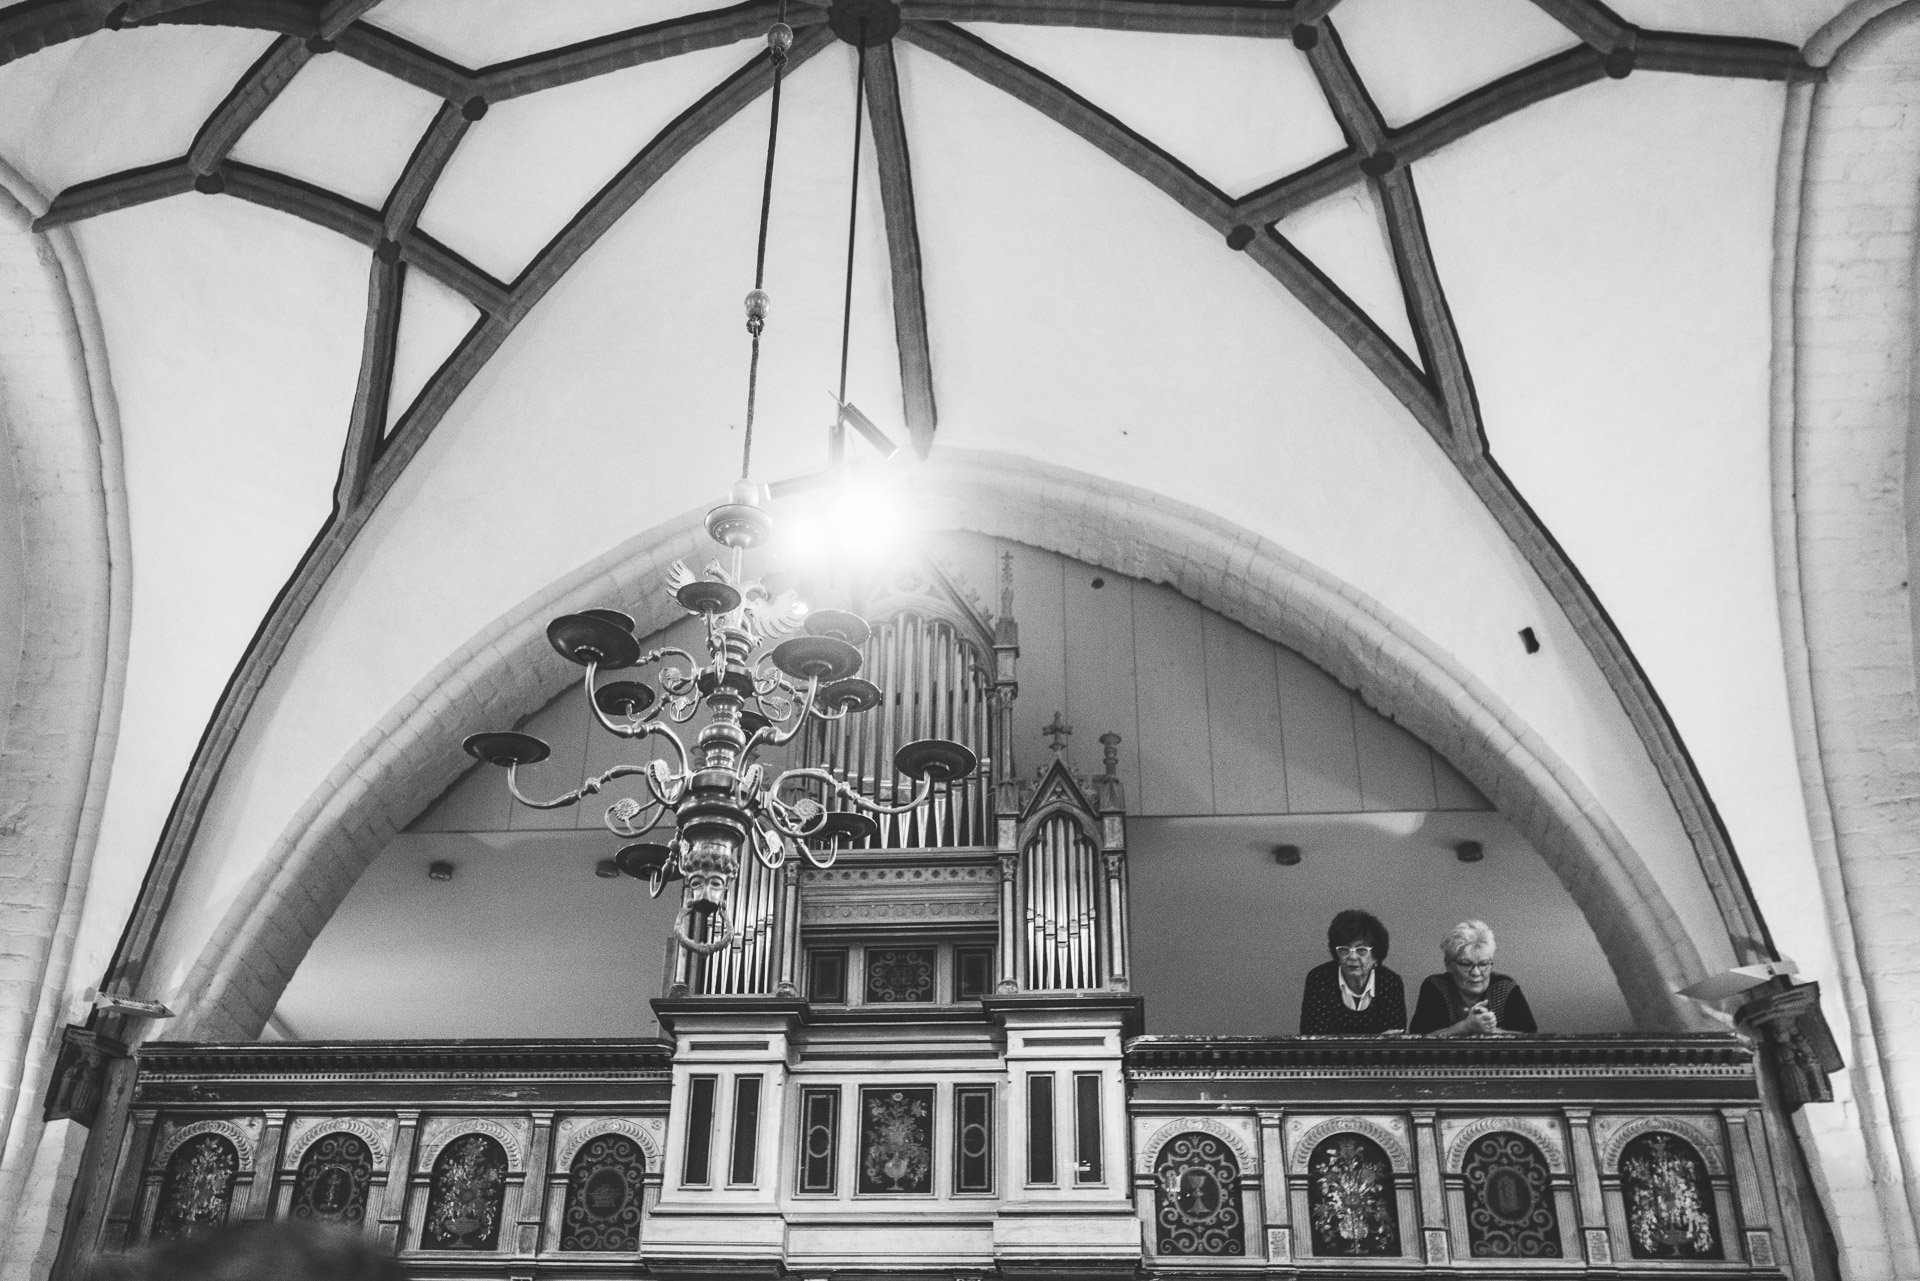 hochzeit_siechenhauskapelle_boltenmuehle_neuruppin_042.jpg